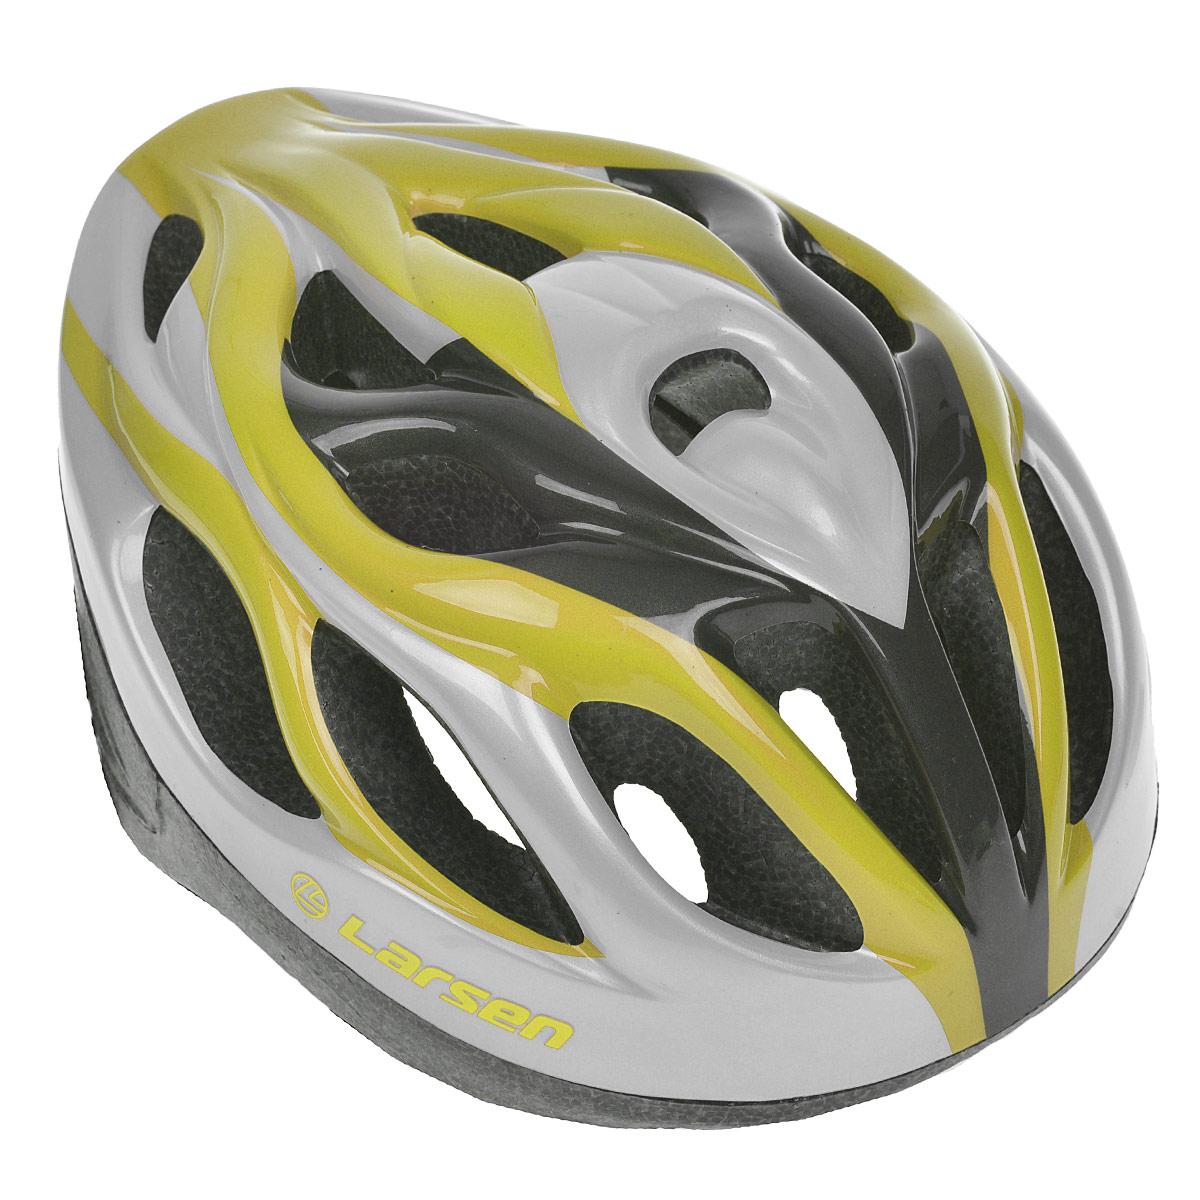 Шлем роликовый Larsen H3BW, цвет: желтый, серебристый. Размер L (54-57 см)286909Надежный роликовый шлем Larsen H3BW сделает ваш активный отдых безопасным. Шлем выполнен из прочного пластика и отлично защищает от травм. Внутренняя сторона шлема оснащена мягкими текстильными накладками, которые обеспечивают надежное прилегание шлема и комфорт при использовании. Шлем имеет систему систему вентиляции. Он отлично сядет по голове, благодаря регулируемым ремешкам и практичному механическому регулятору. Роликовый шлем станет незаменимым дополнением для полноценного летнего отдыха и занятия активными видами спорта.